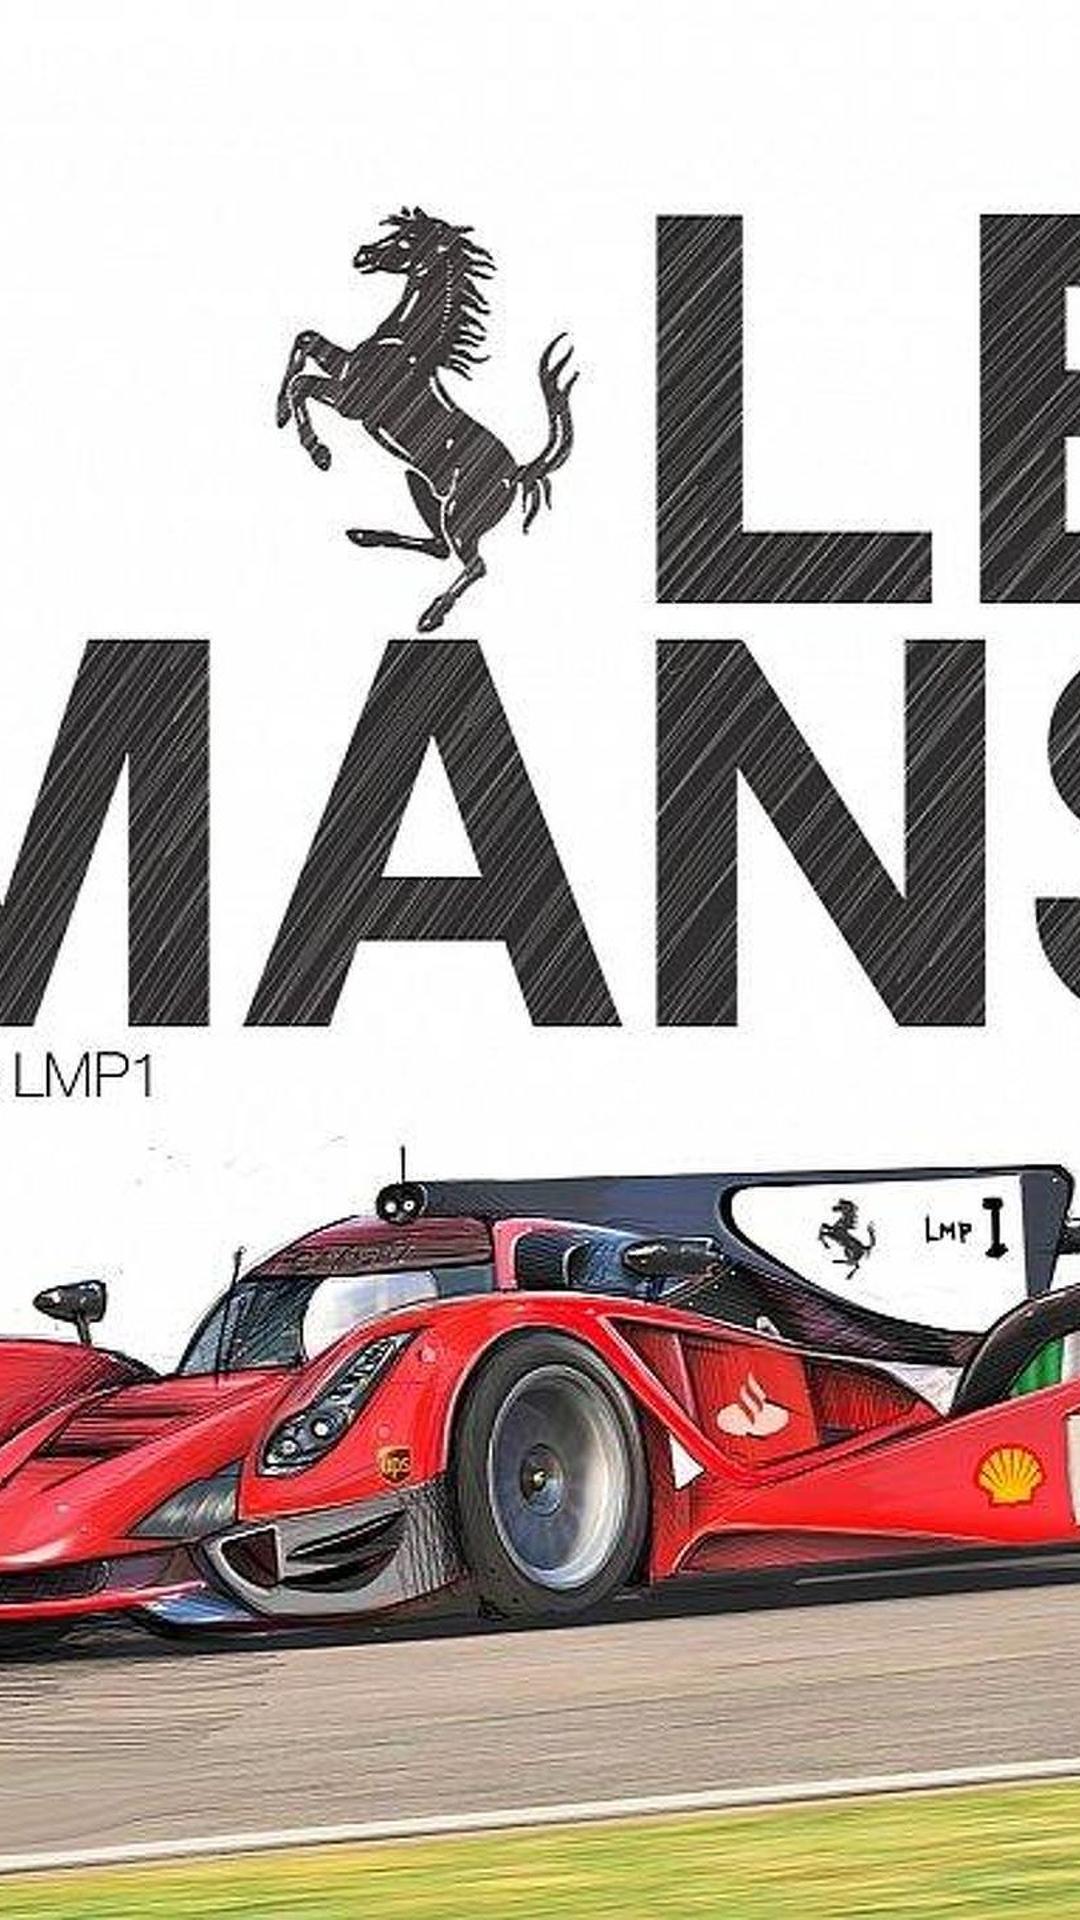 laferrari lmp1 race car rendered previews rumored ferrari